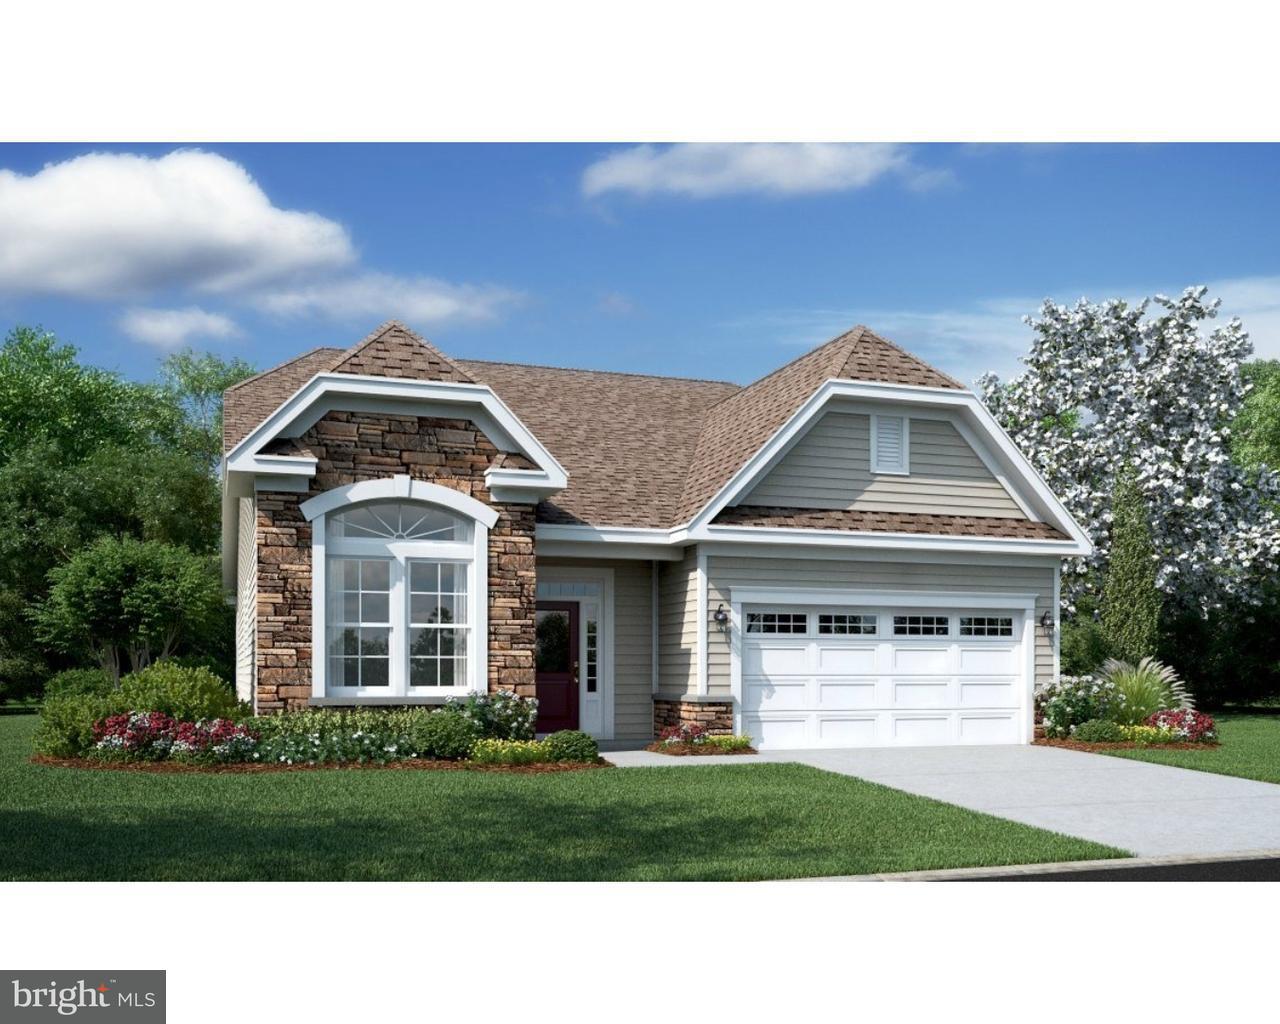 단독 가정 주택 용 매매 에 8 DAVINCI Drive Monmouth Junction, 뉴저지 08852 미국에서/약: South Brunswick Township